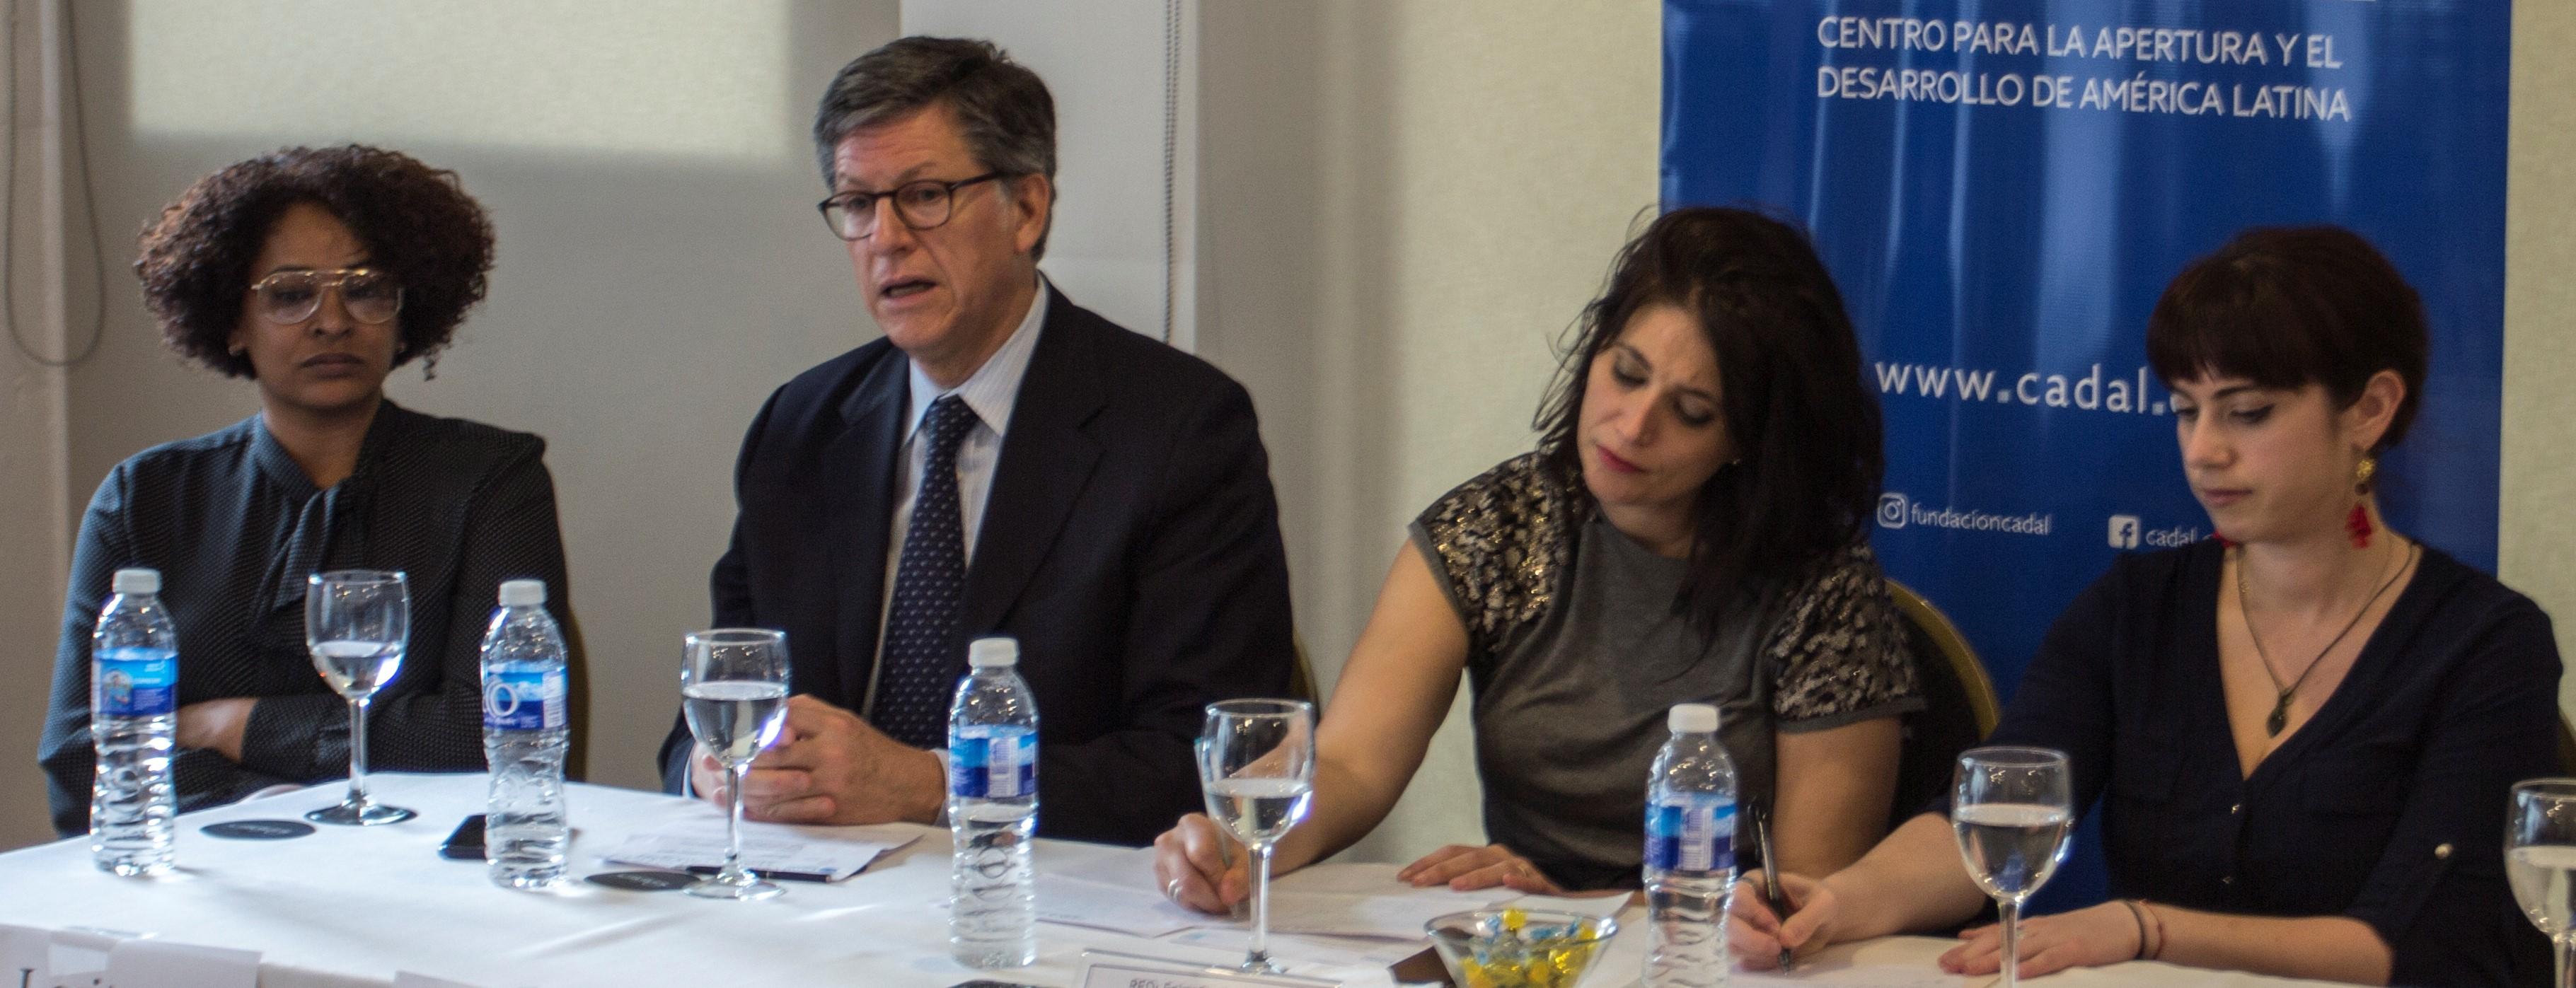 José Miguel Vivanco, Director de la División de las Américas de Human Rigths Watch